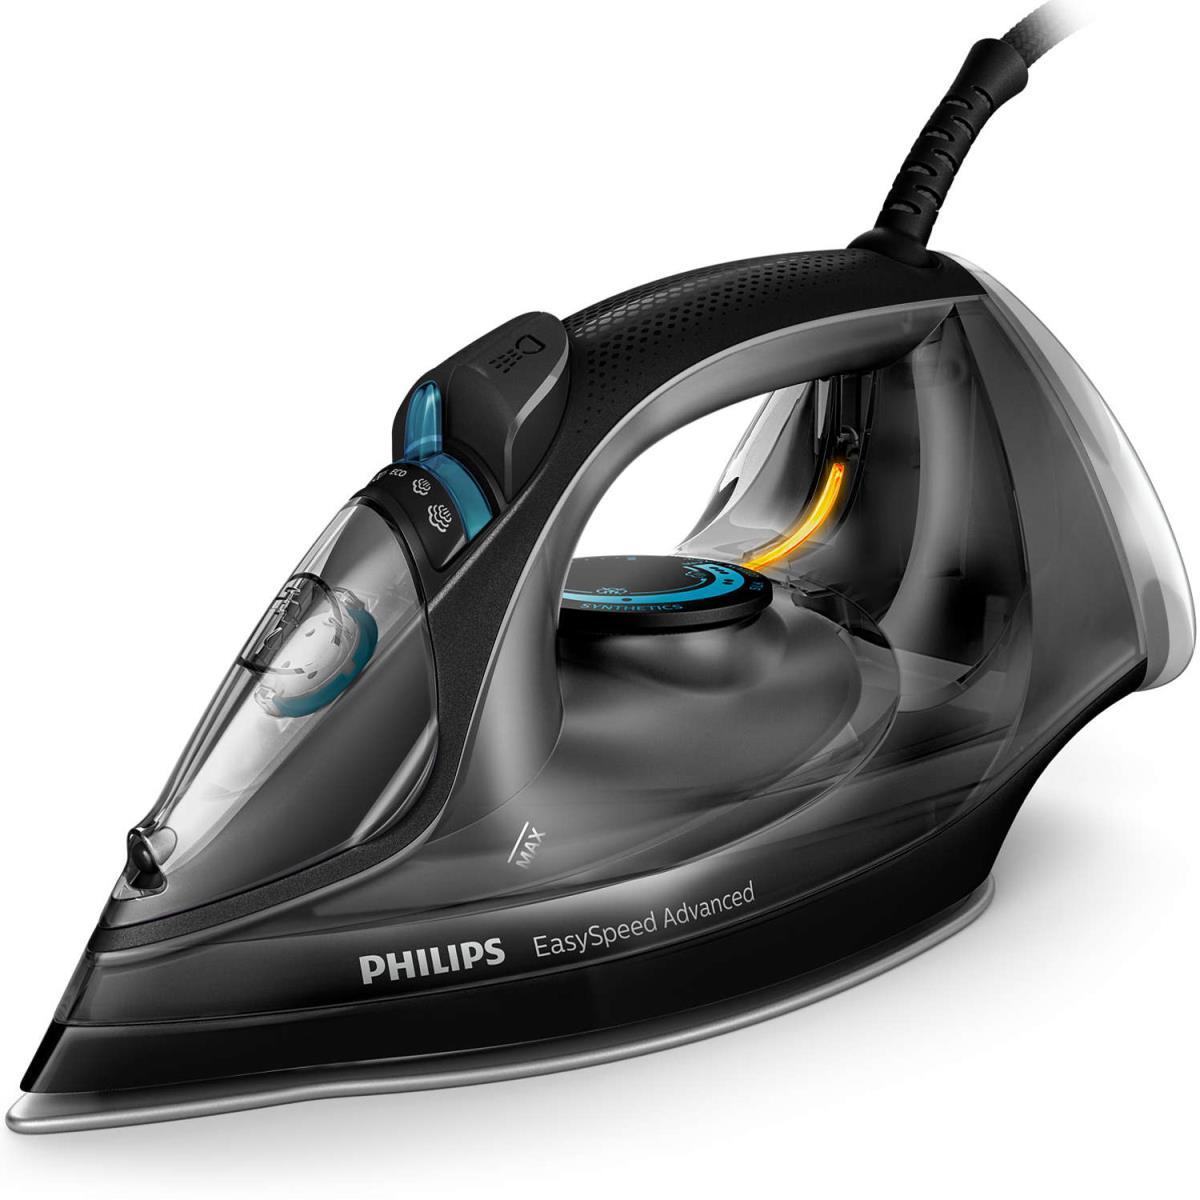 Testvinnare Budgetklassen: Philips GC2673 EasySpeed, Strykjärn